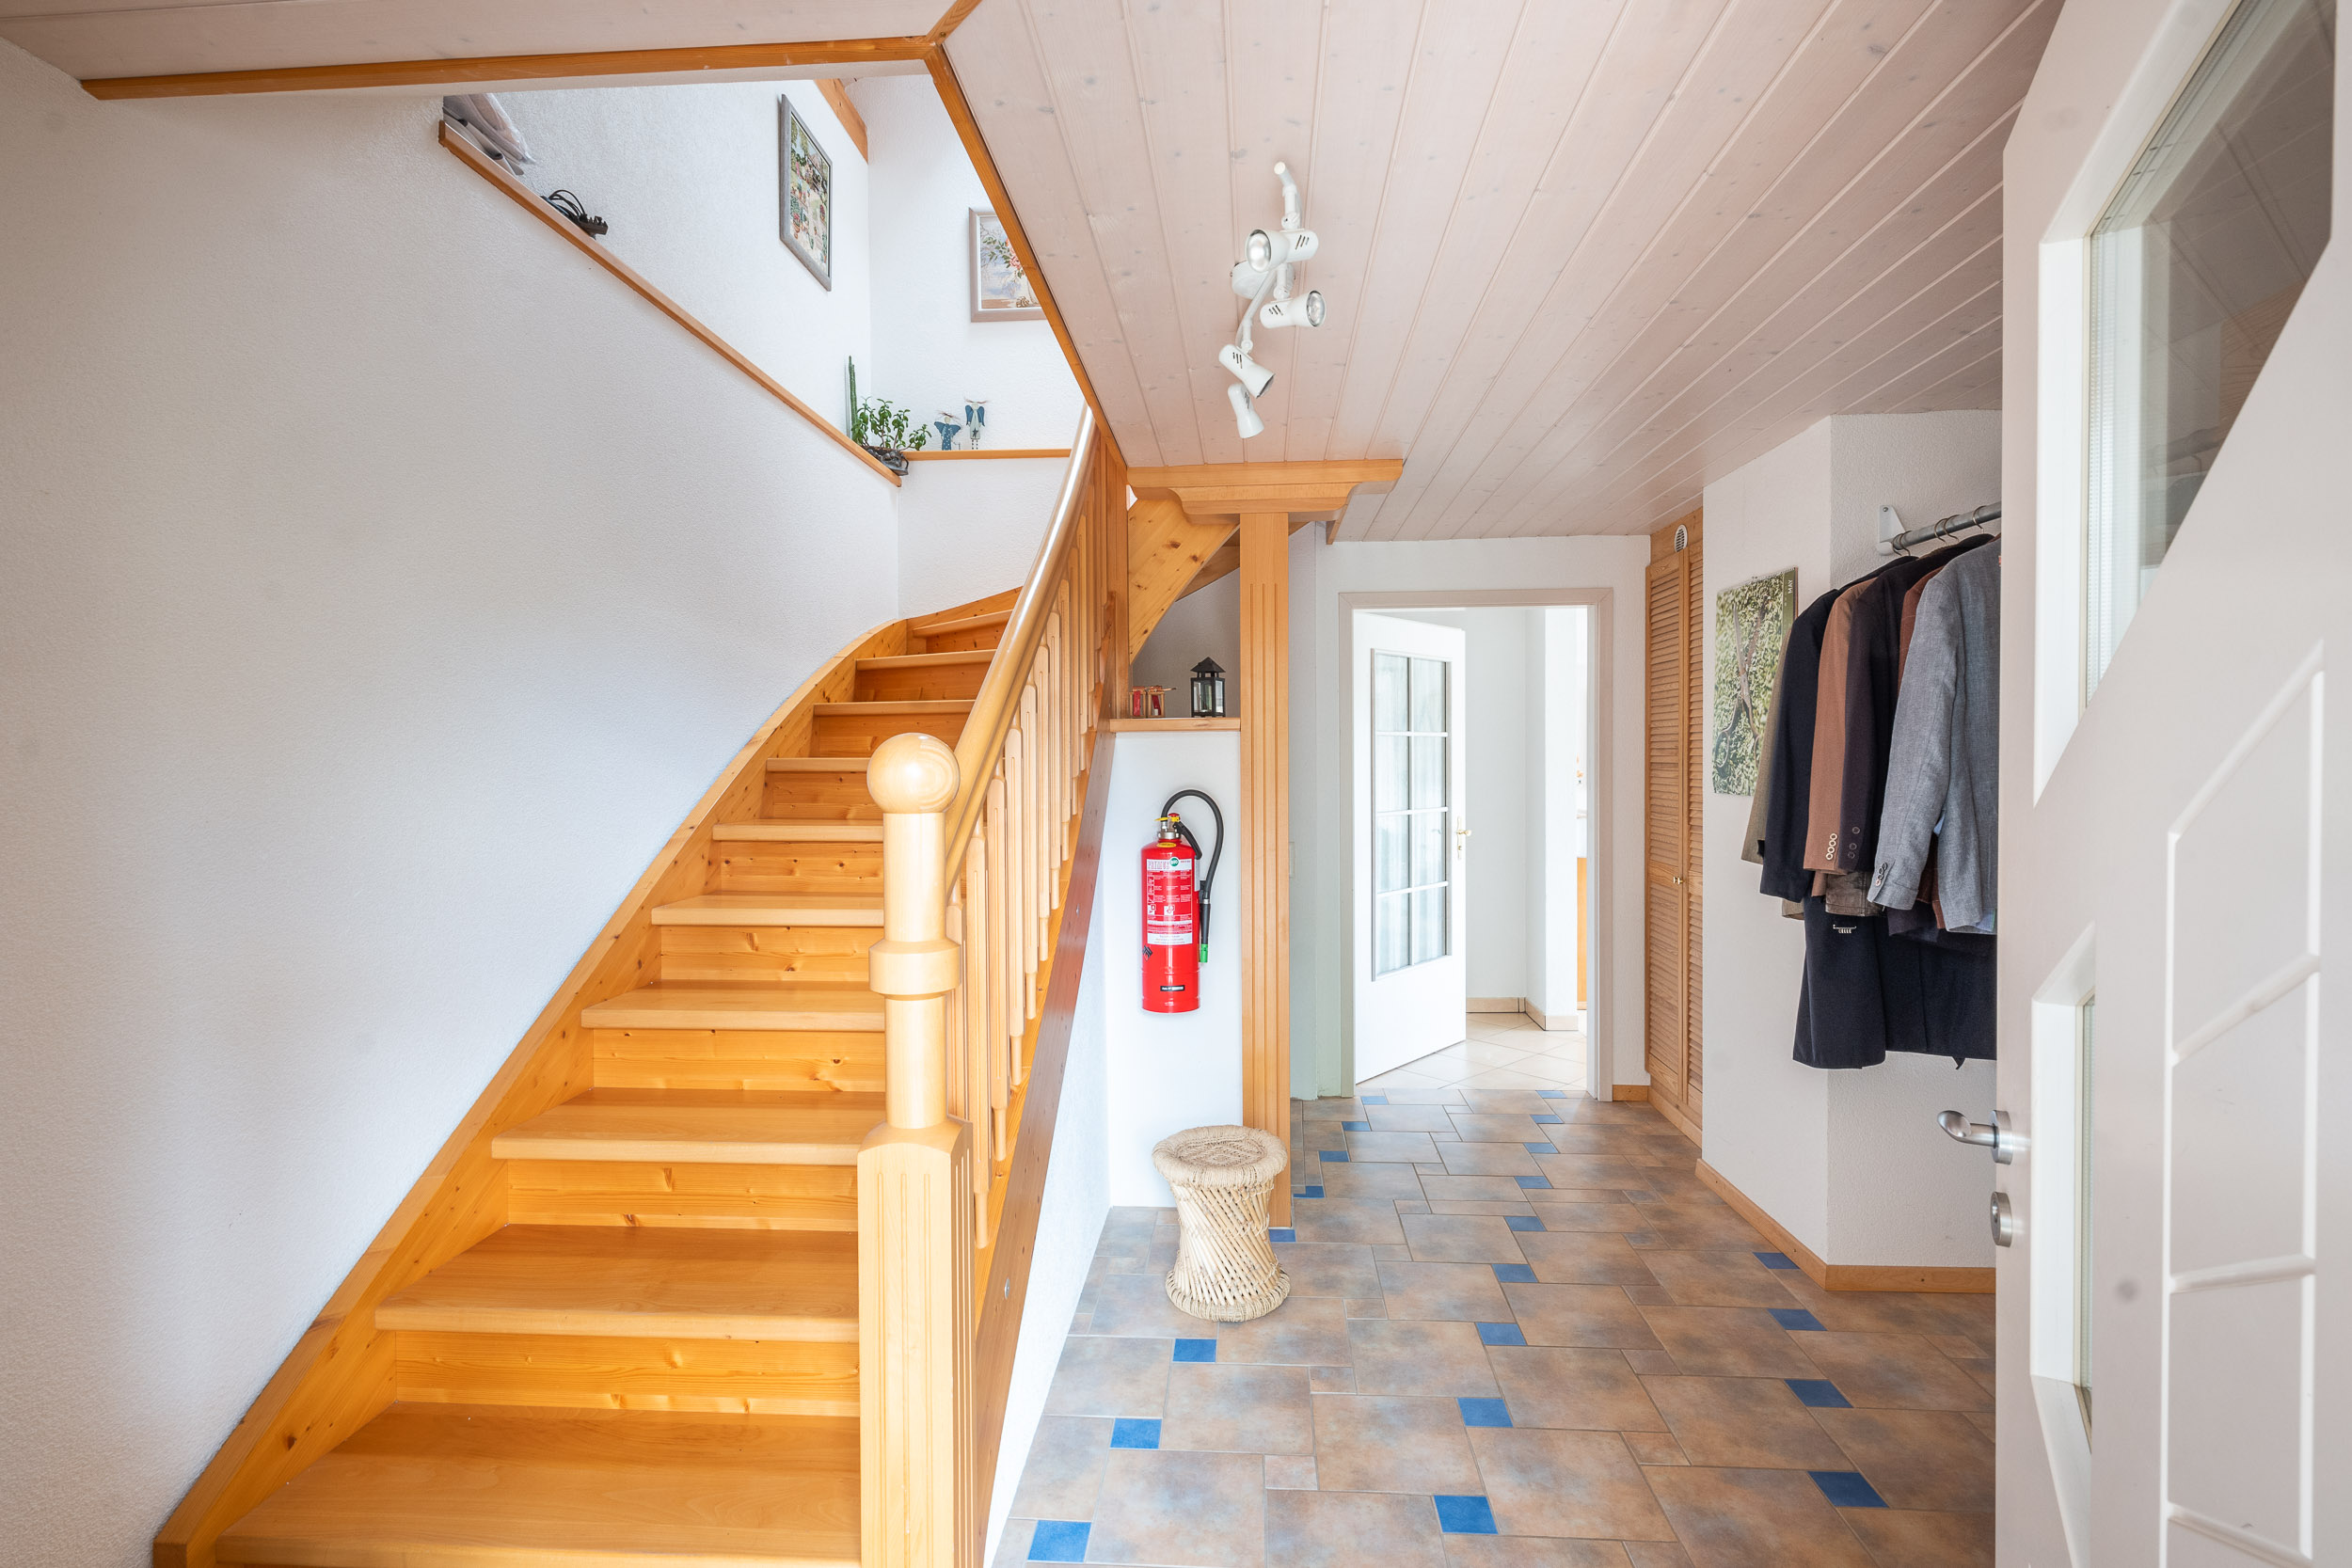 Tritt man durch die Eingangstür, führt eine Treppe links ins OG, und geradeaus geht es ins EG